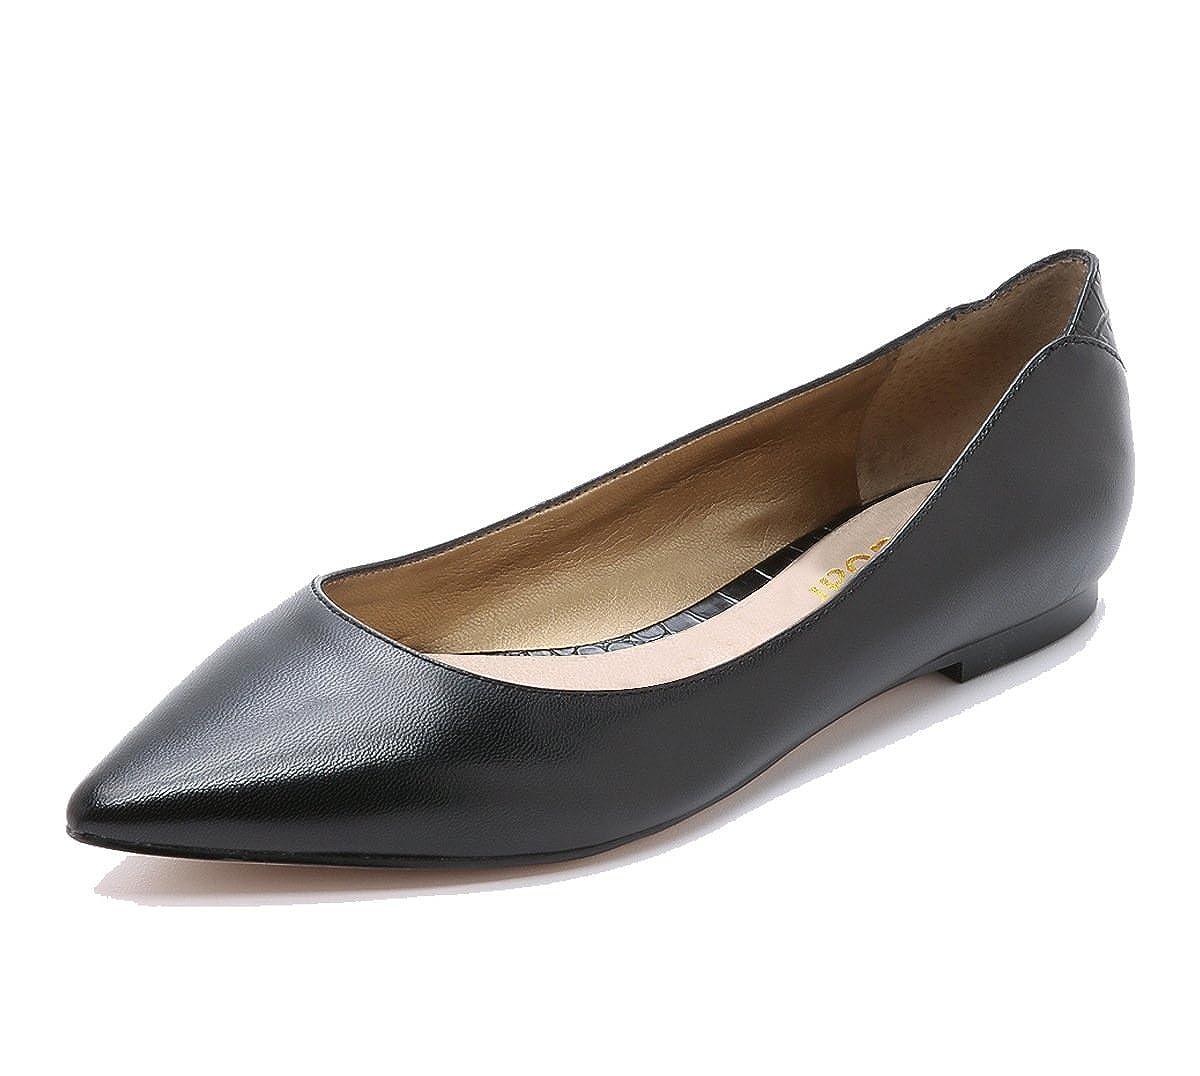 DYF Schuhe Frauen Nackt Schuhe DYF Farbe Größe Scharfe Flache Unterseite Flach Mund Schwarze Streifen 36 ded085